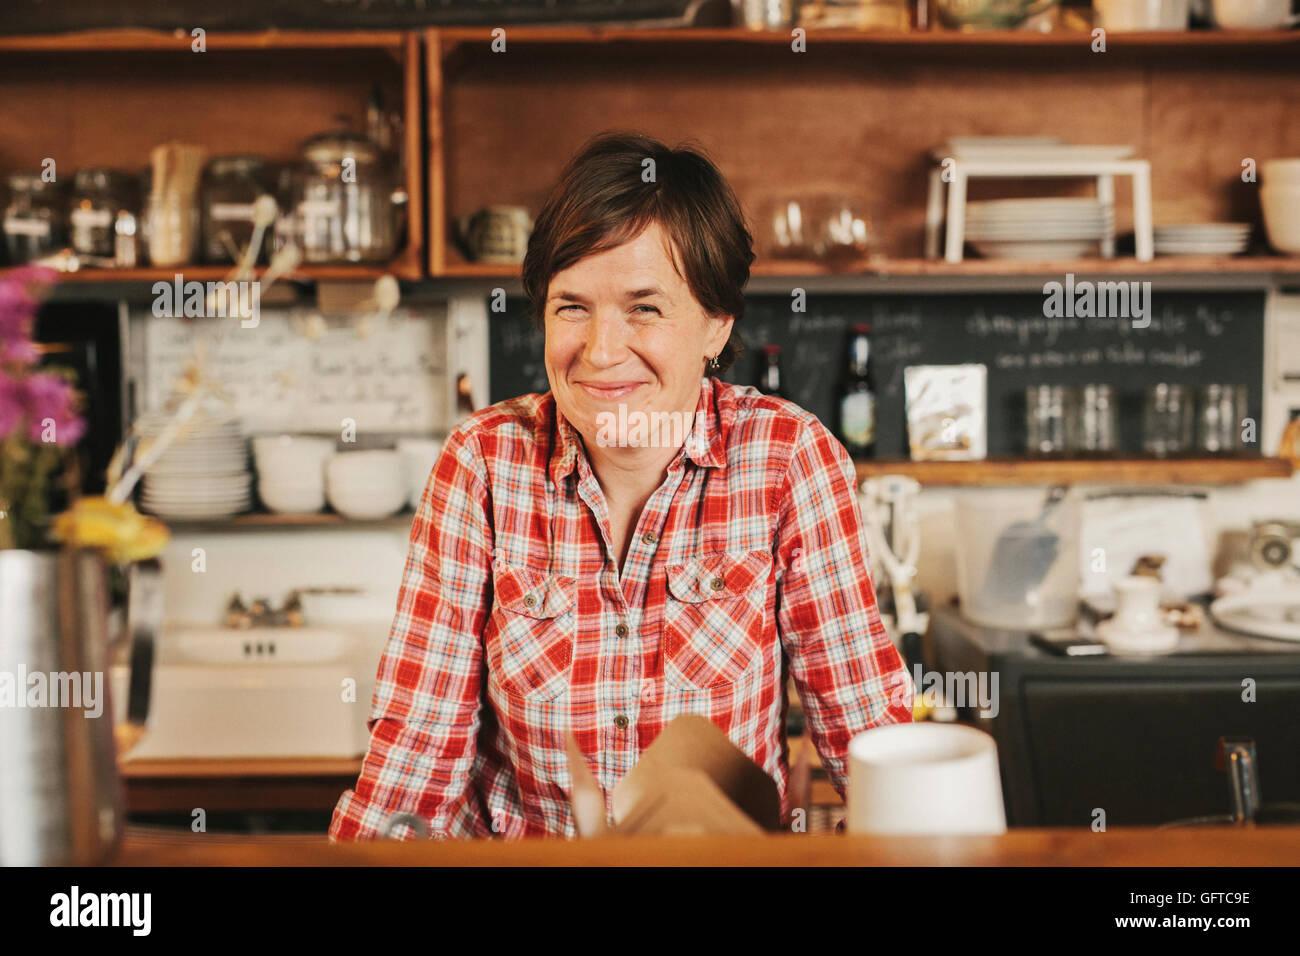 Una donna che lavorano dietro il bancone in una caffetteria titolare di azienda Immagini Stock